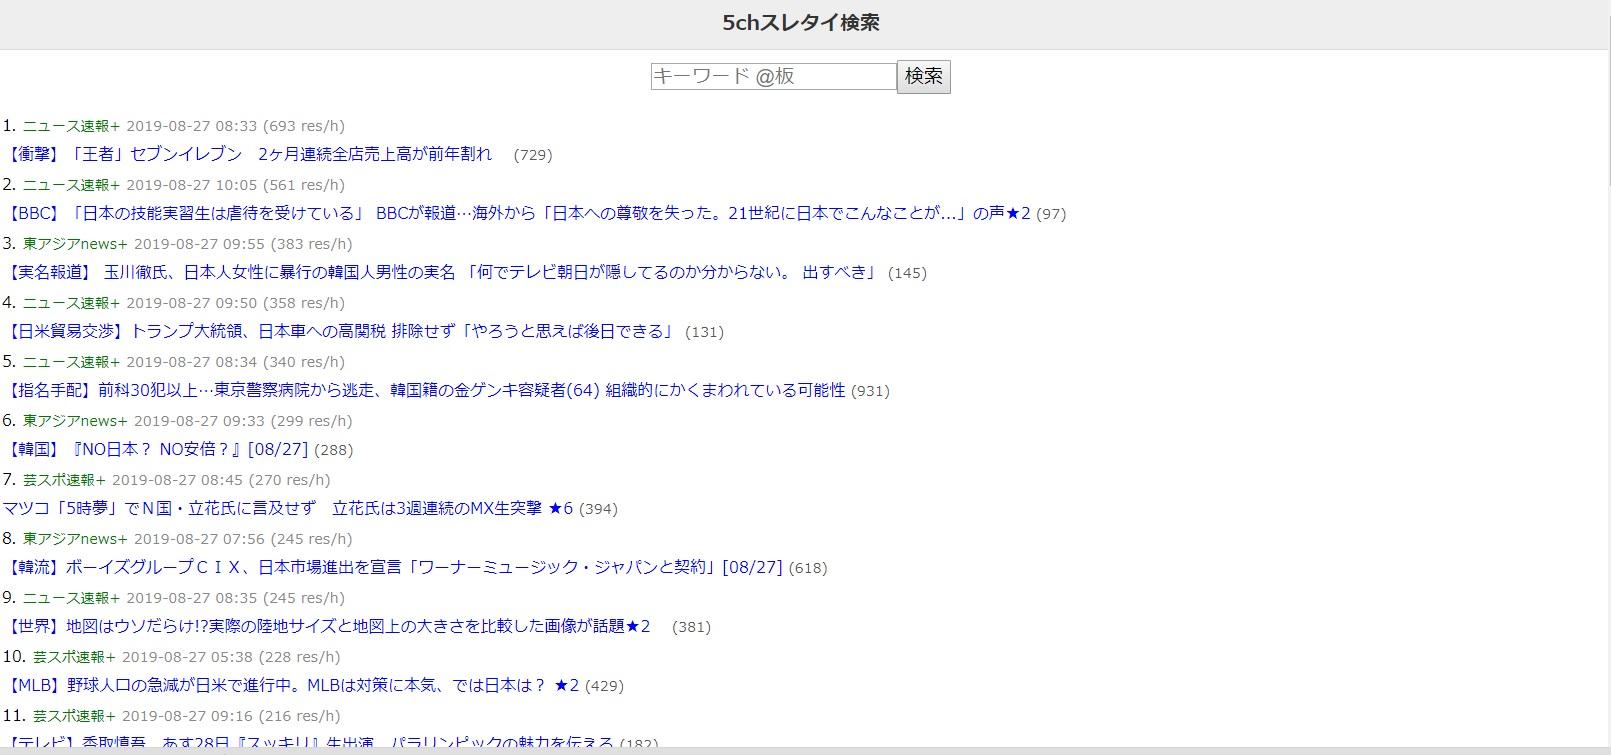 5 ちゃんねる スレタイ 検索 Switch - 5ちゃんねるスレタイ検索